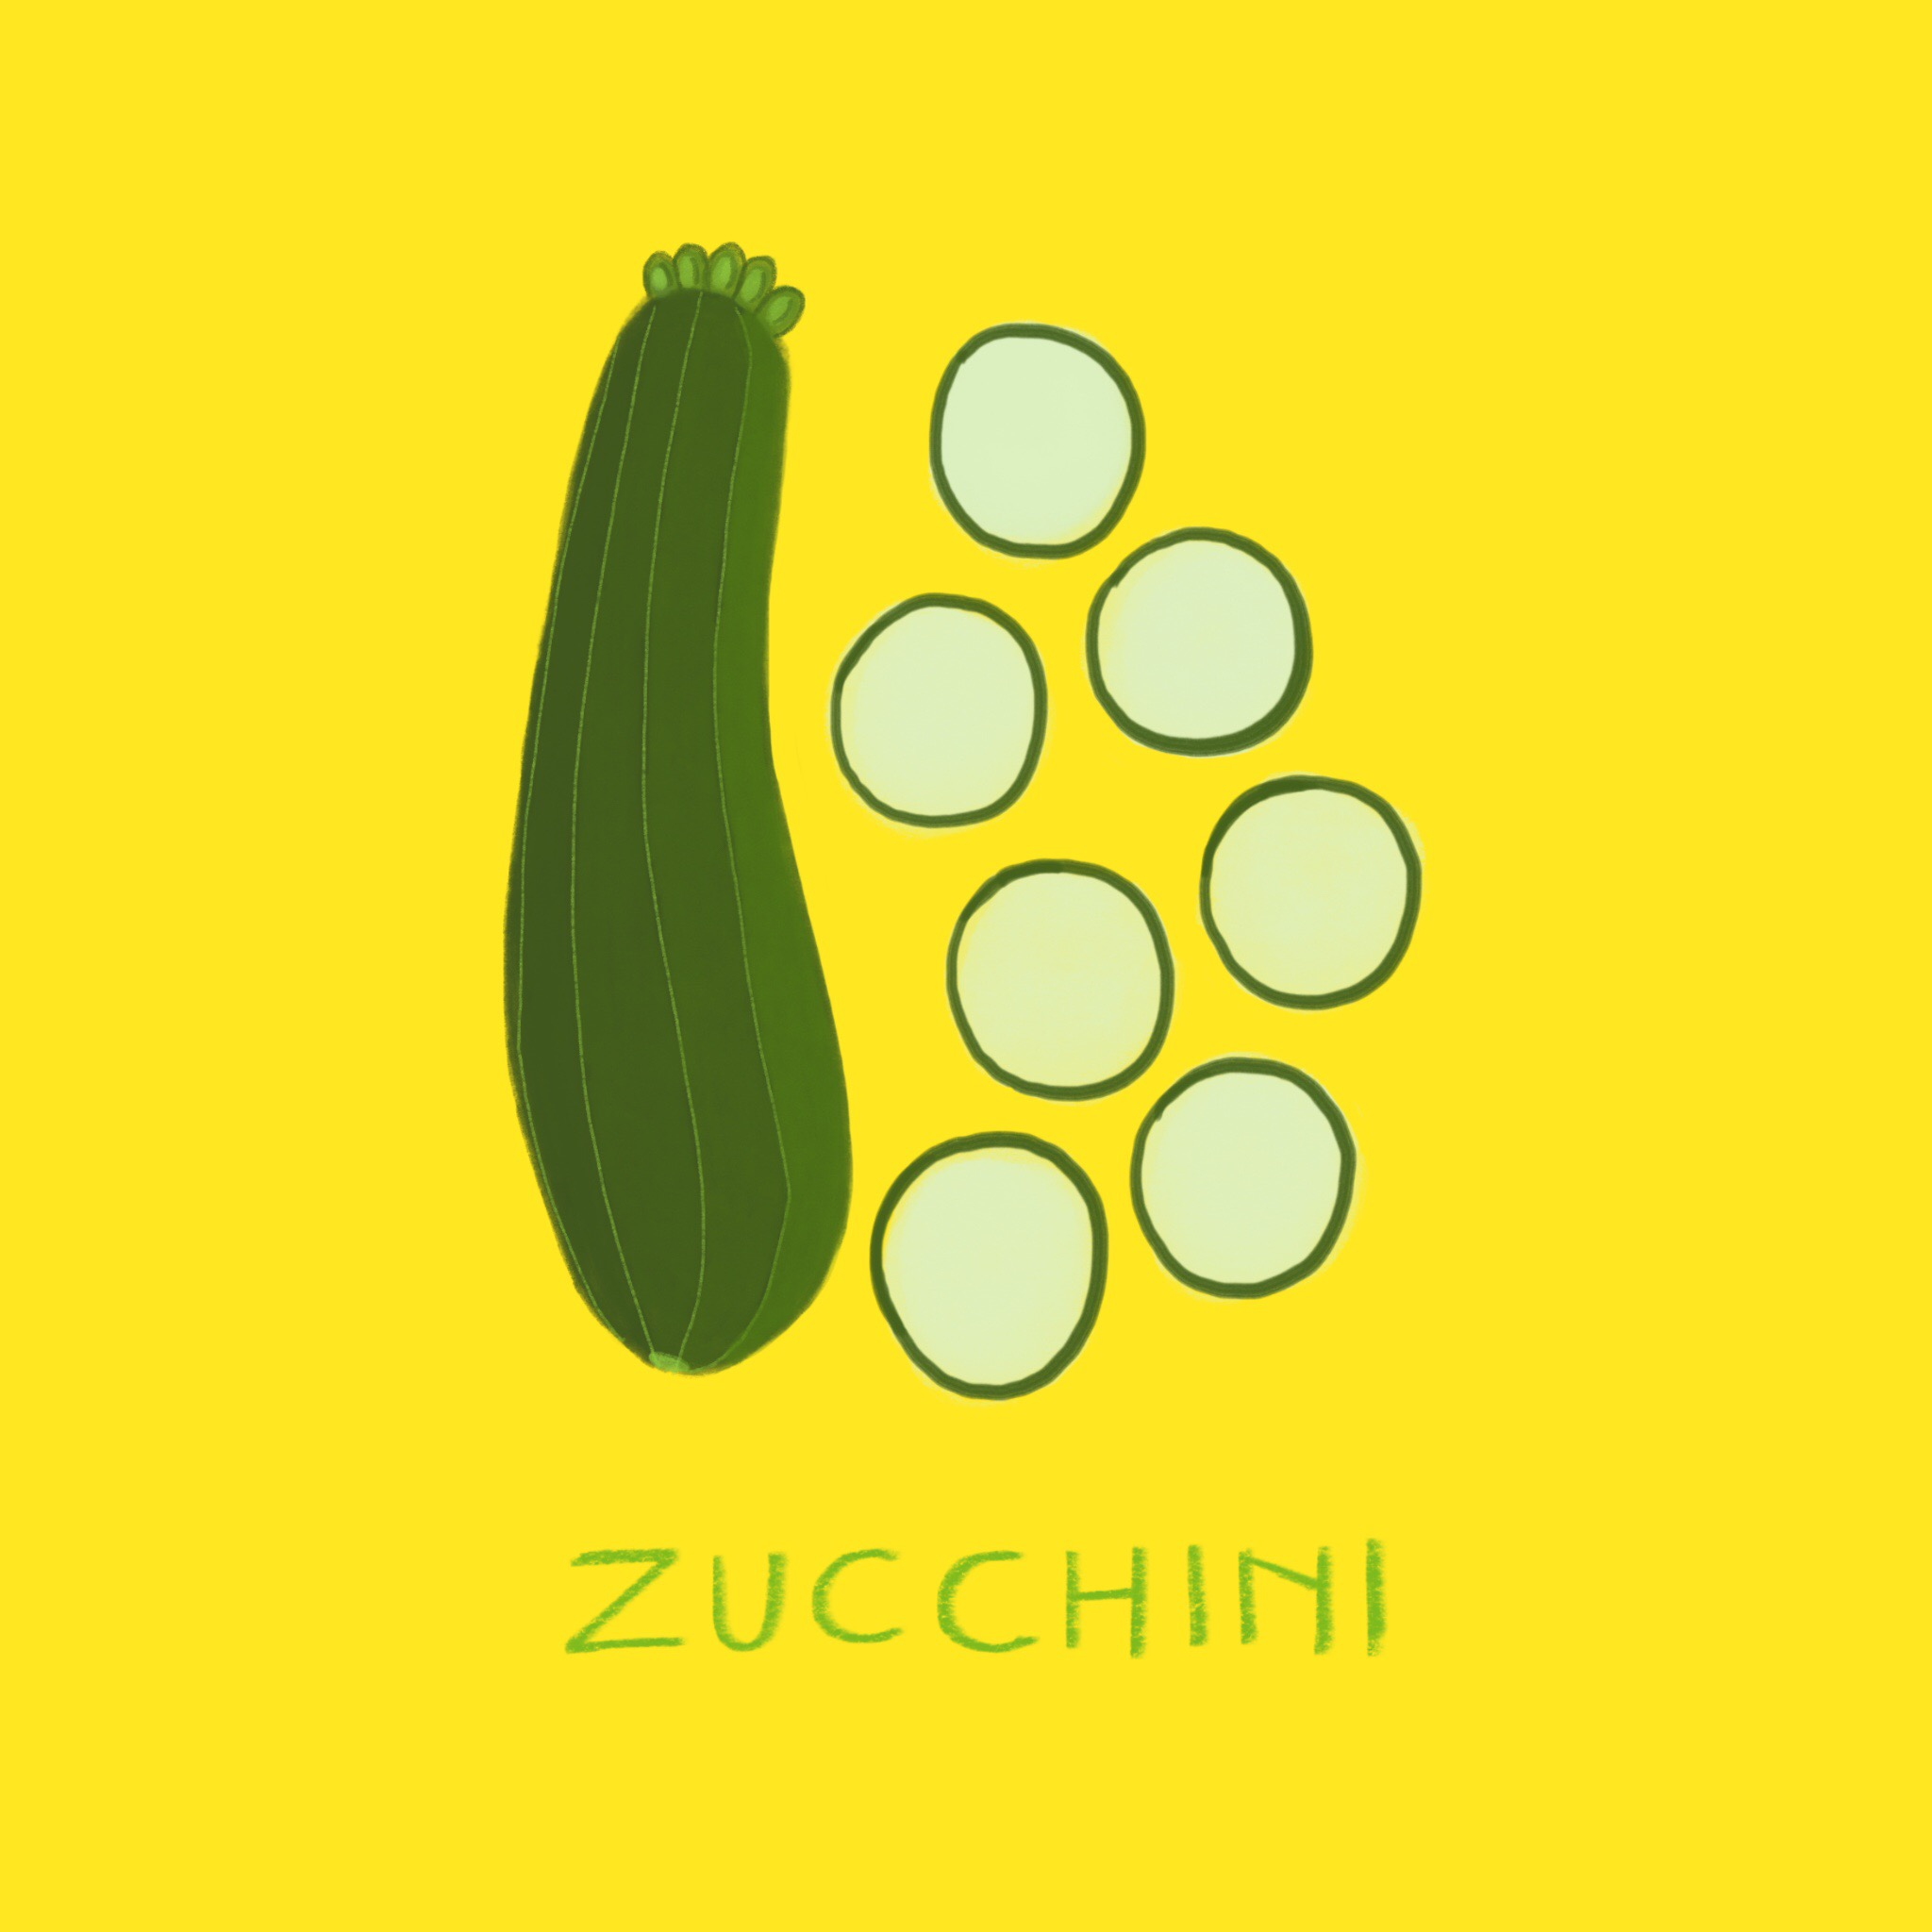 48_-_Zucchini.jpg